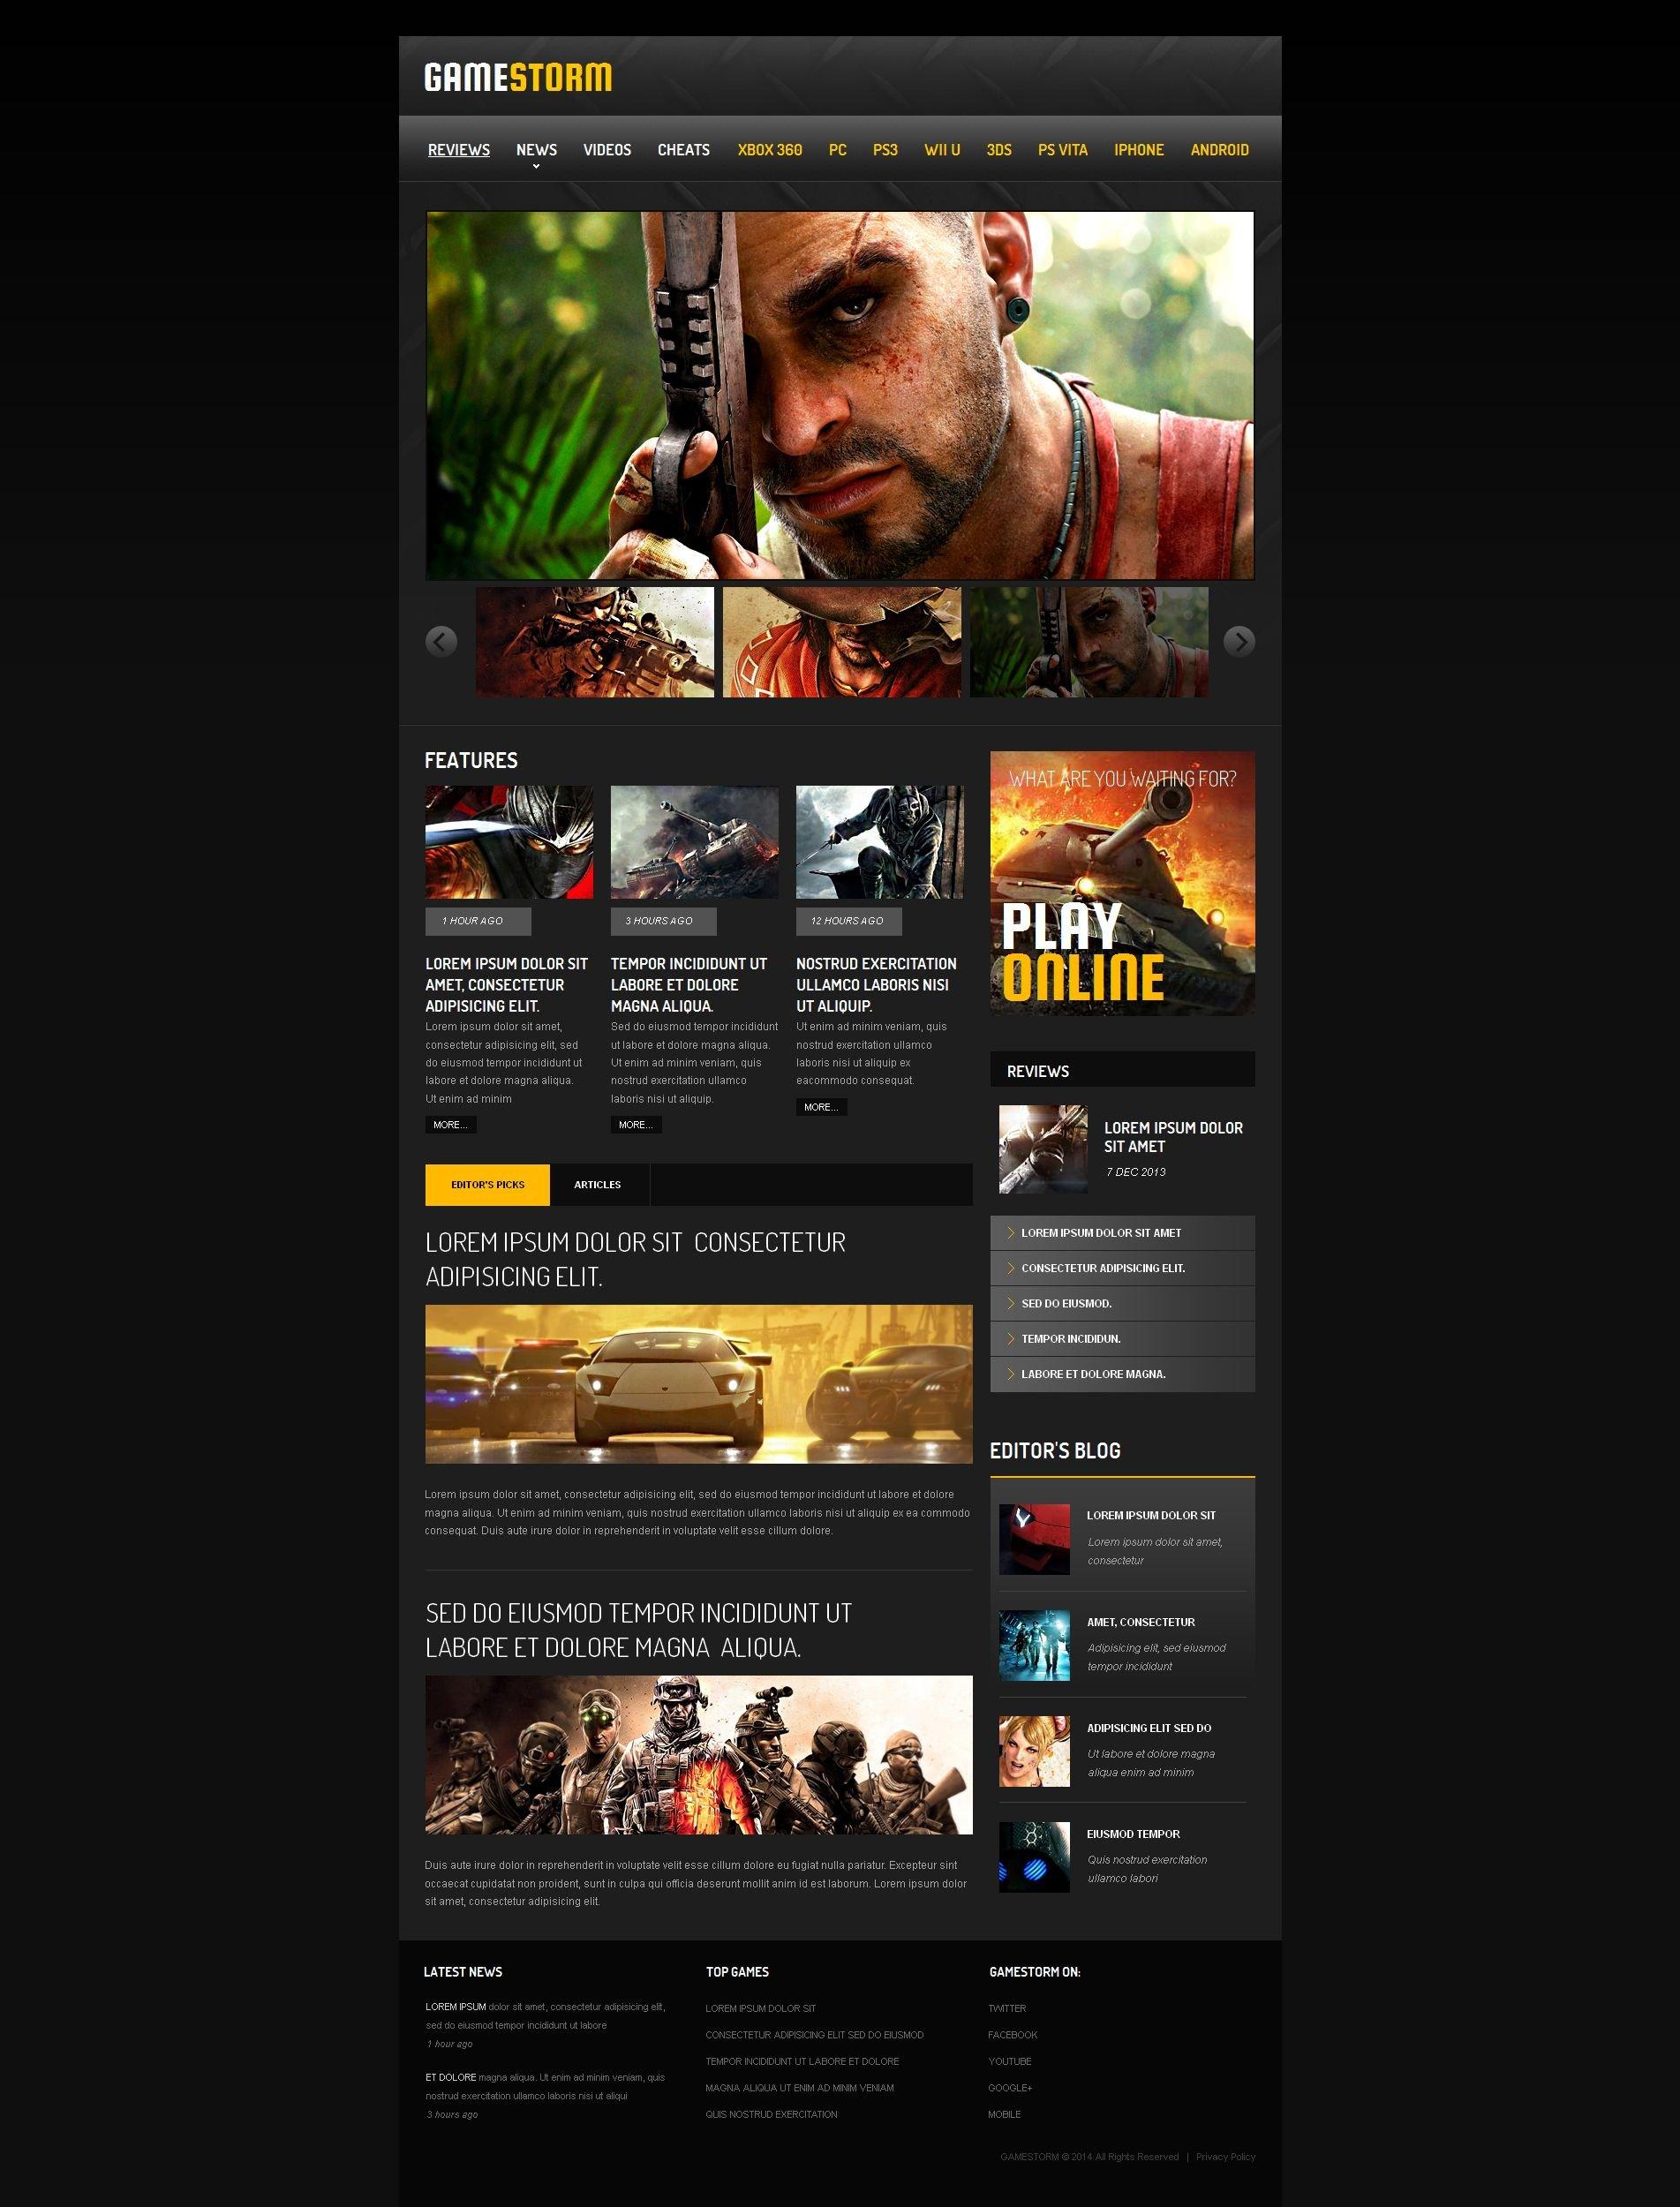 Games Moto CMS HTML Template - screenshot